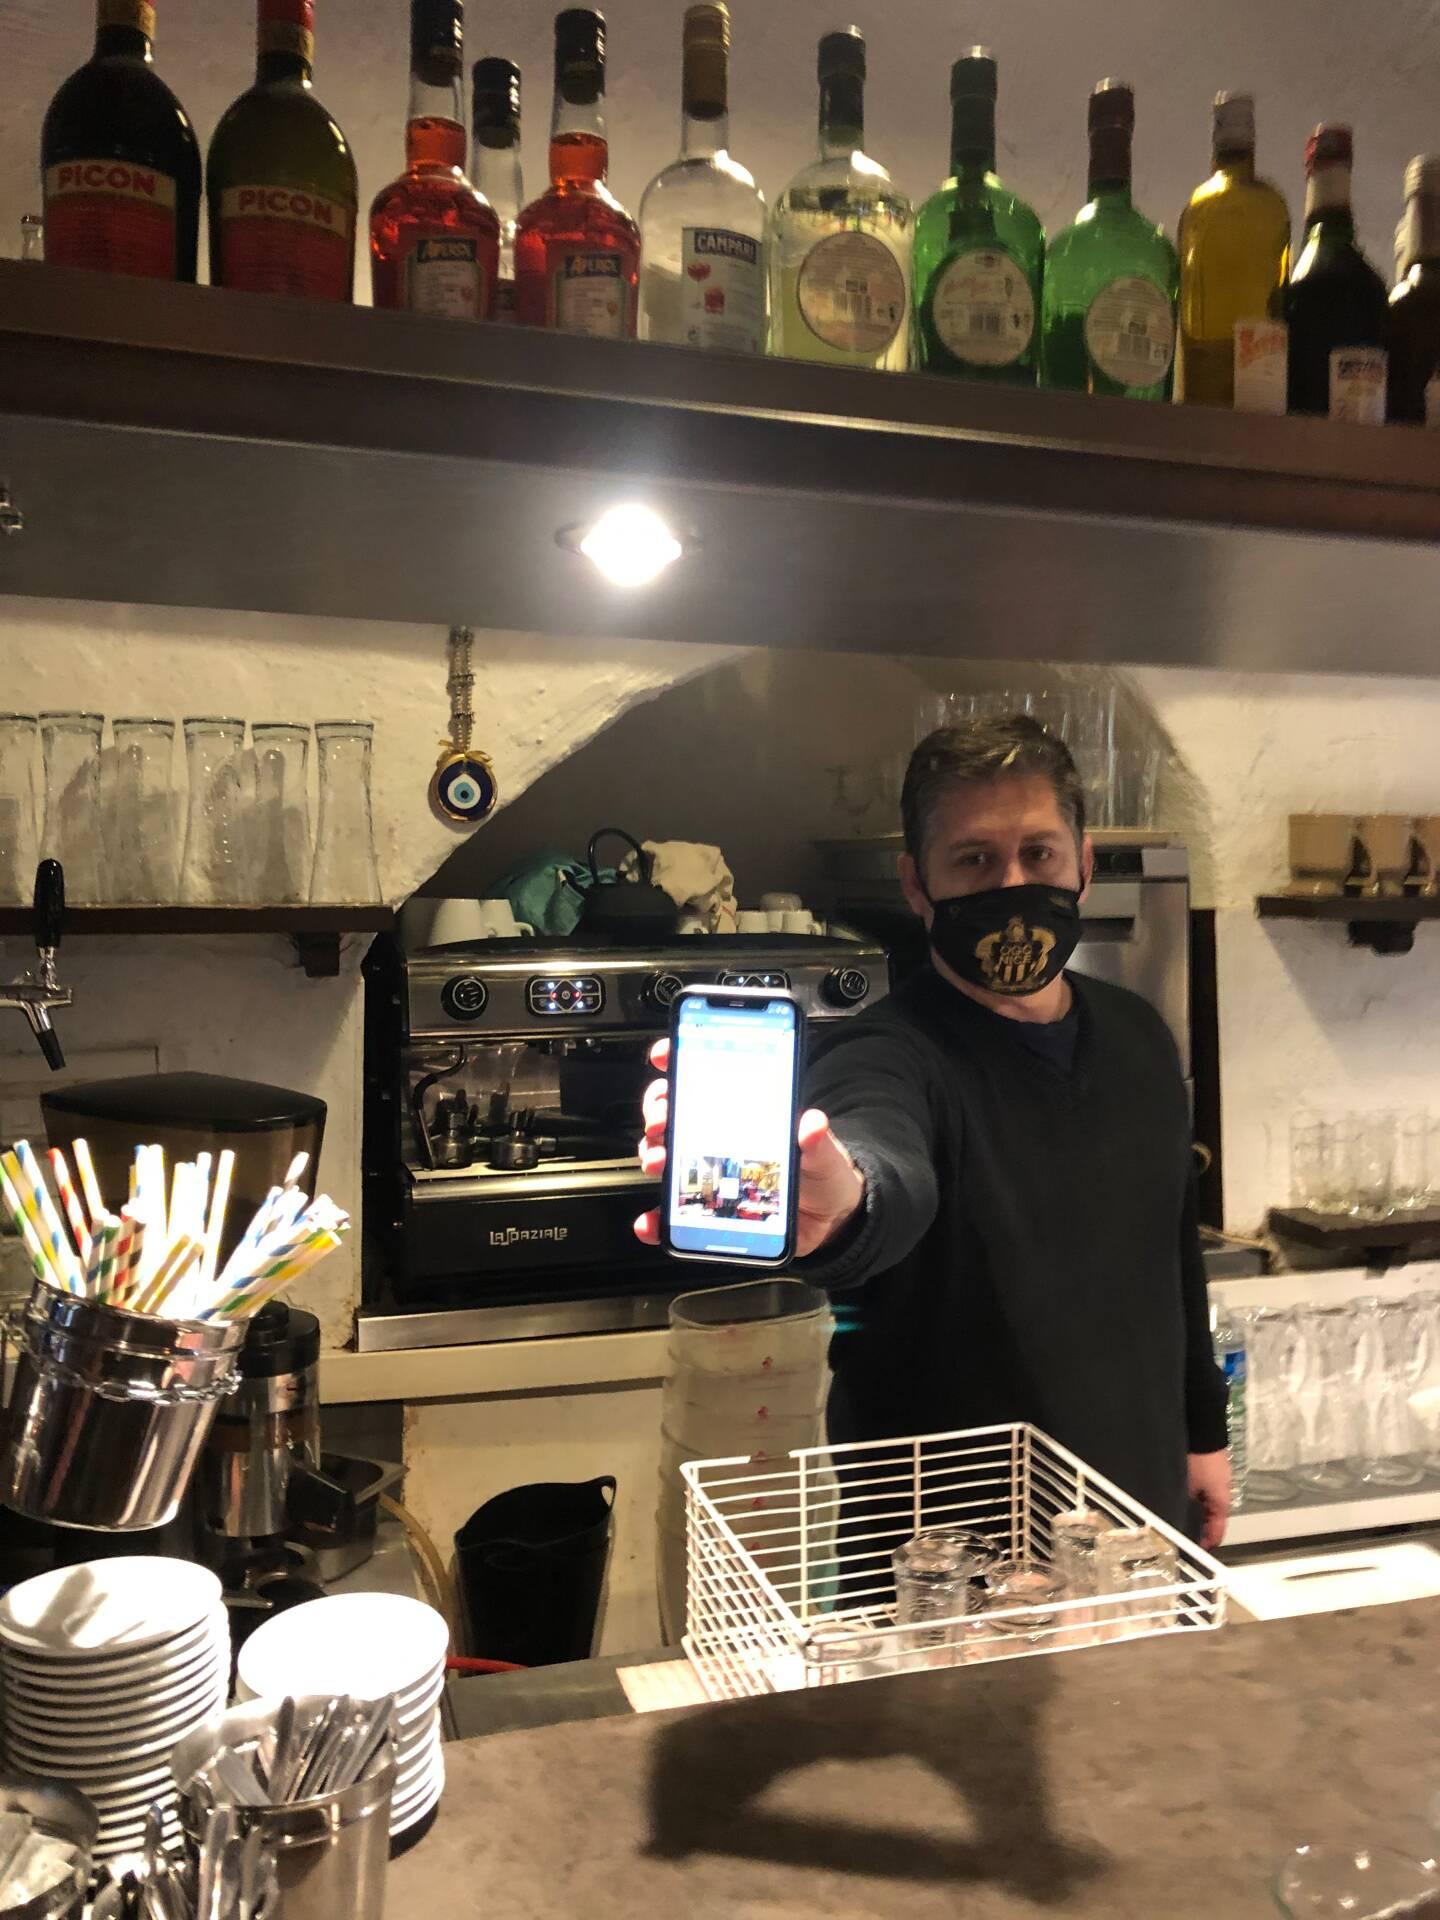 Anthony et Christophe ont lancé une cagnotte sur Internet où ils prévendent des repas.